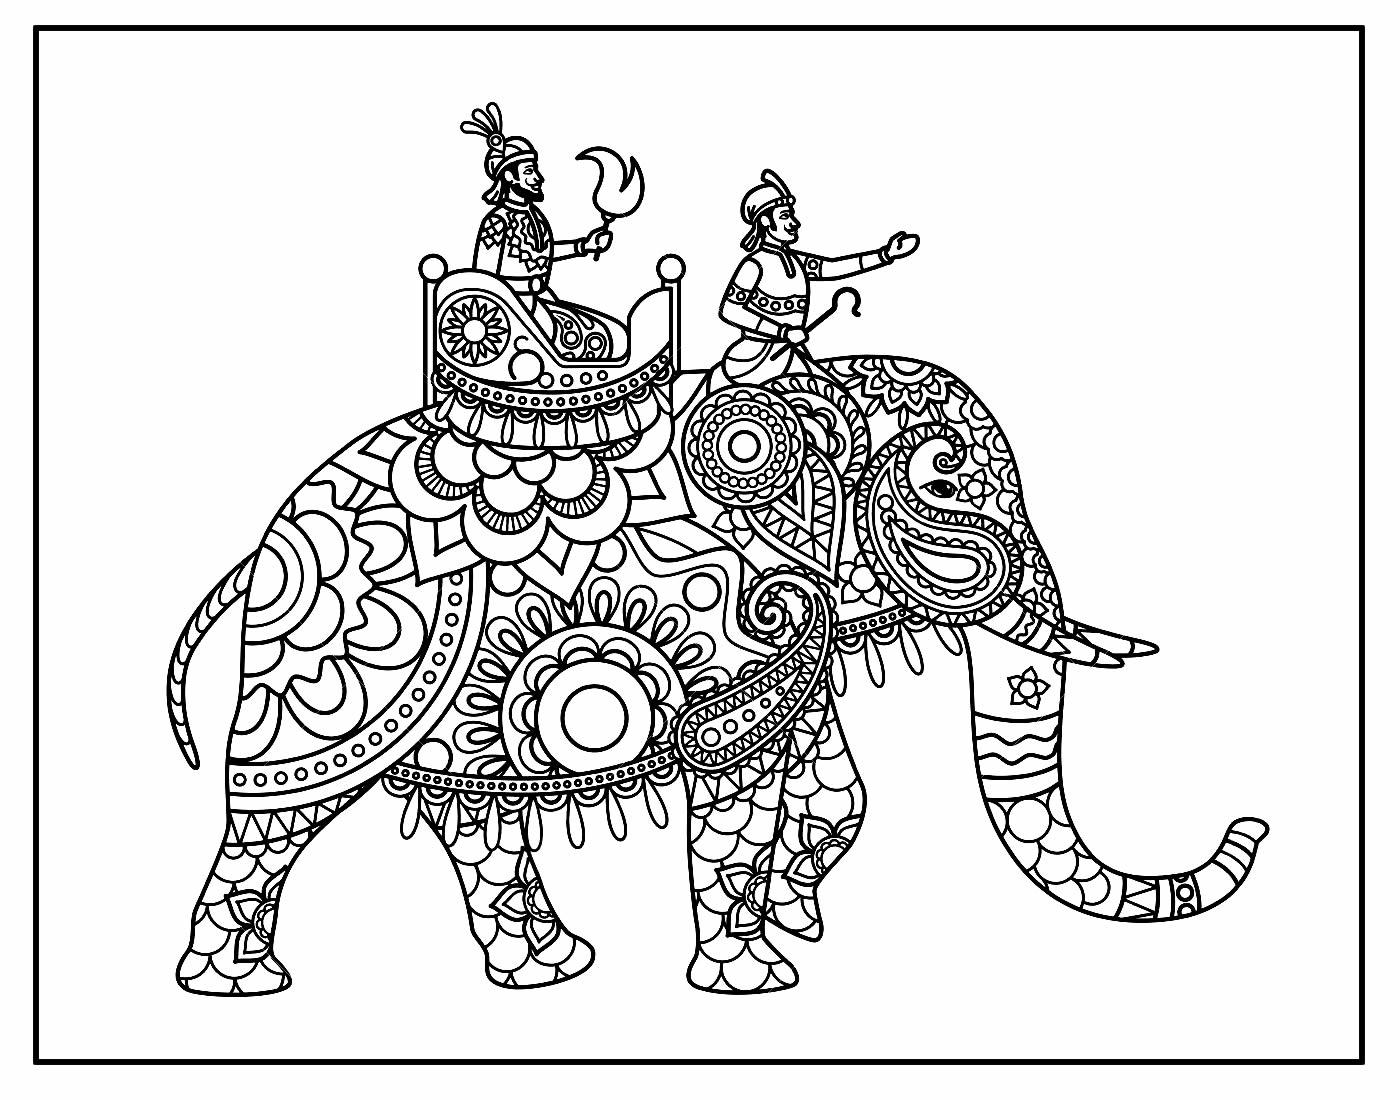 Desenho de Elefante Indiano